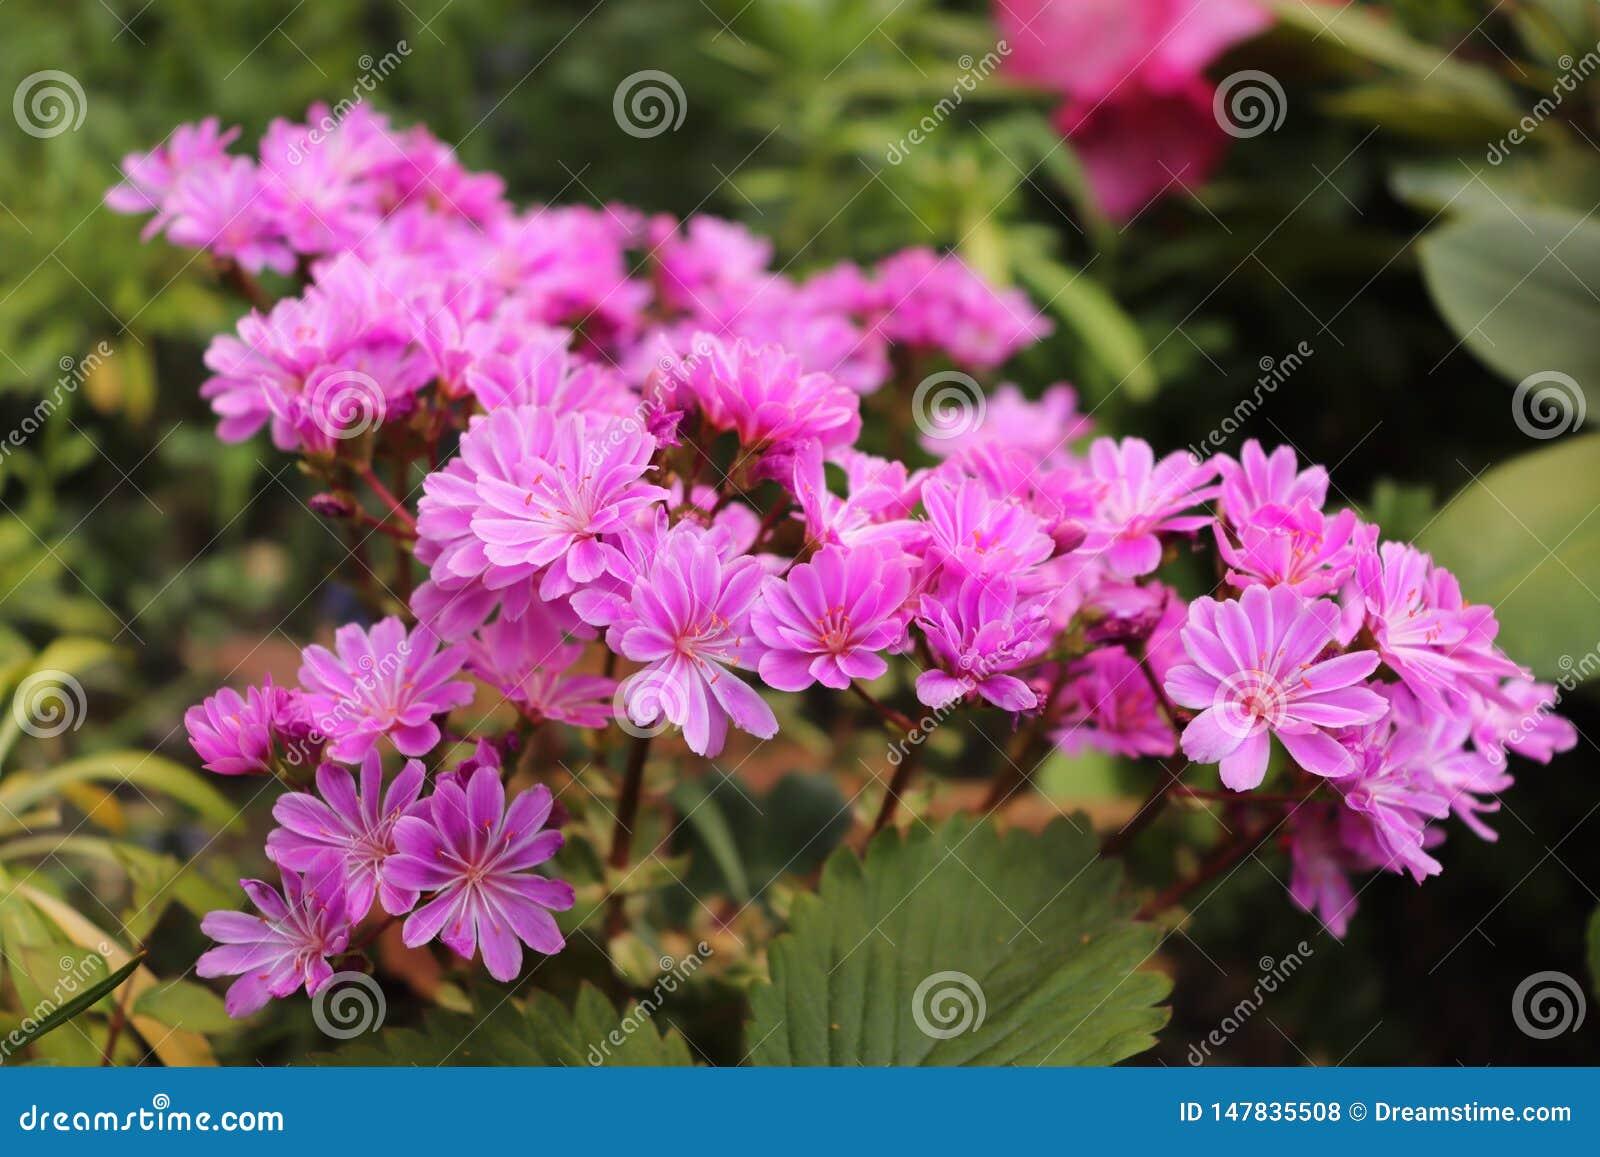 Bos van kleine purpere bloemen